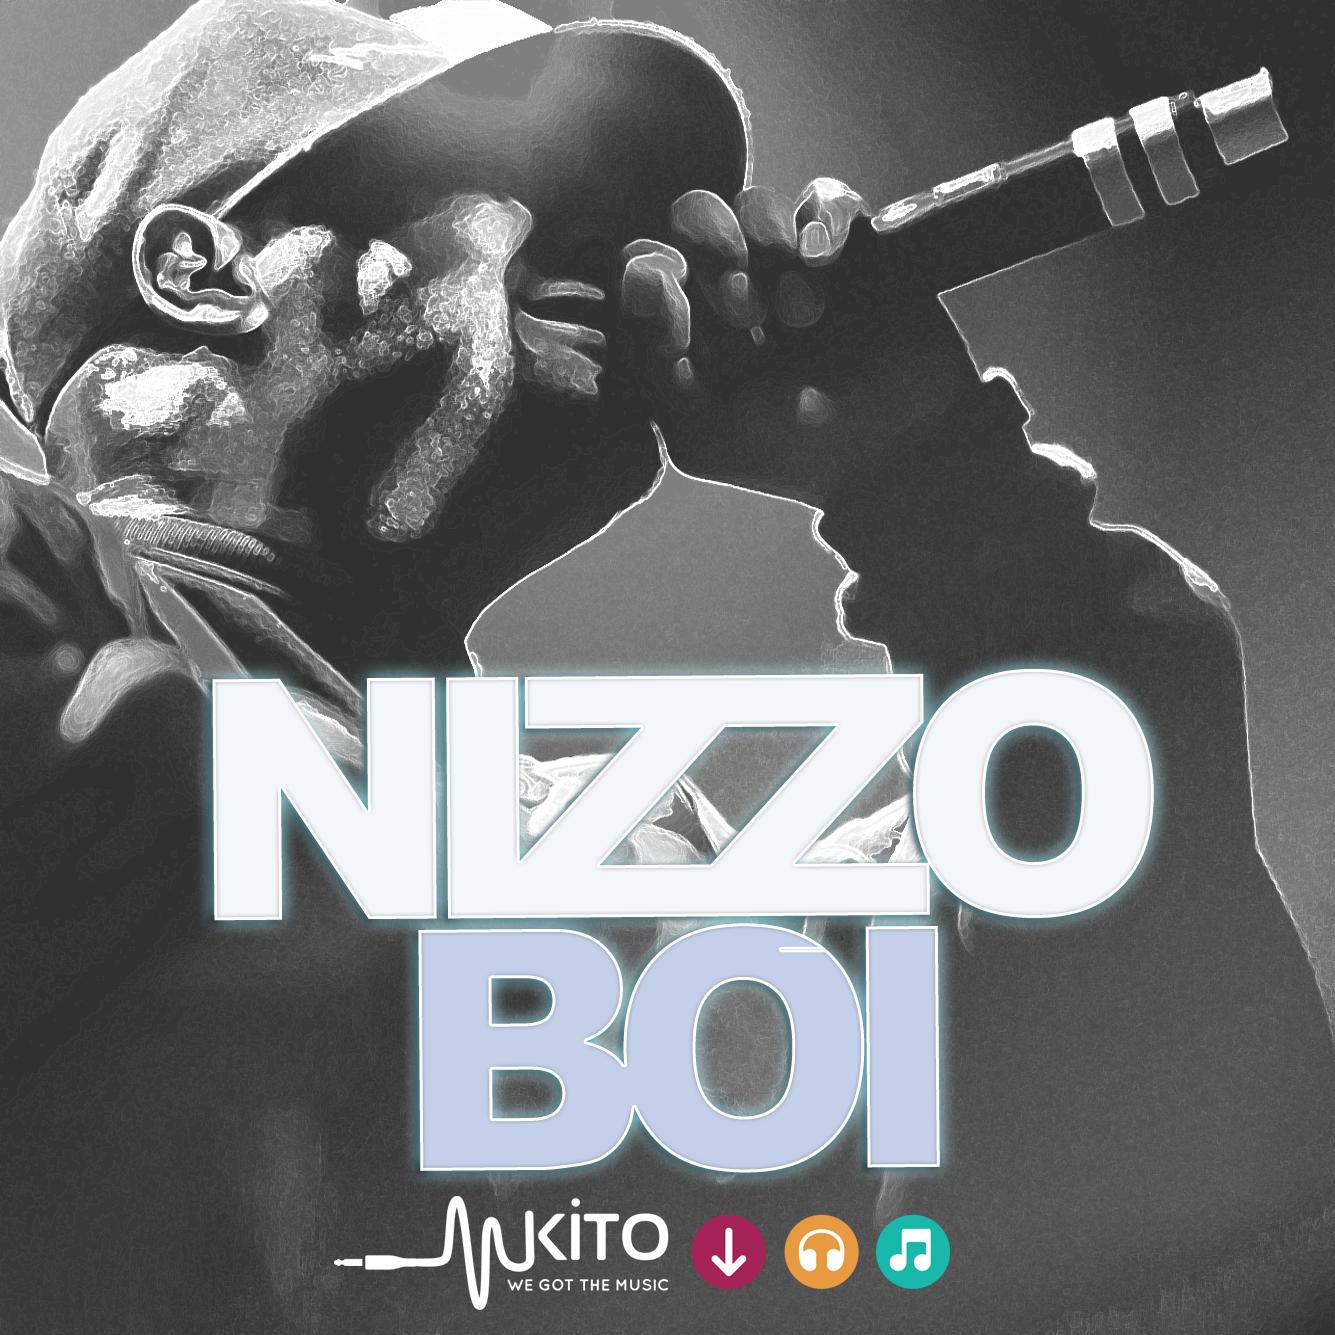 Nizzo Boi - 2 Ni Elimu-Biti